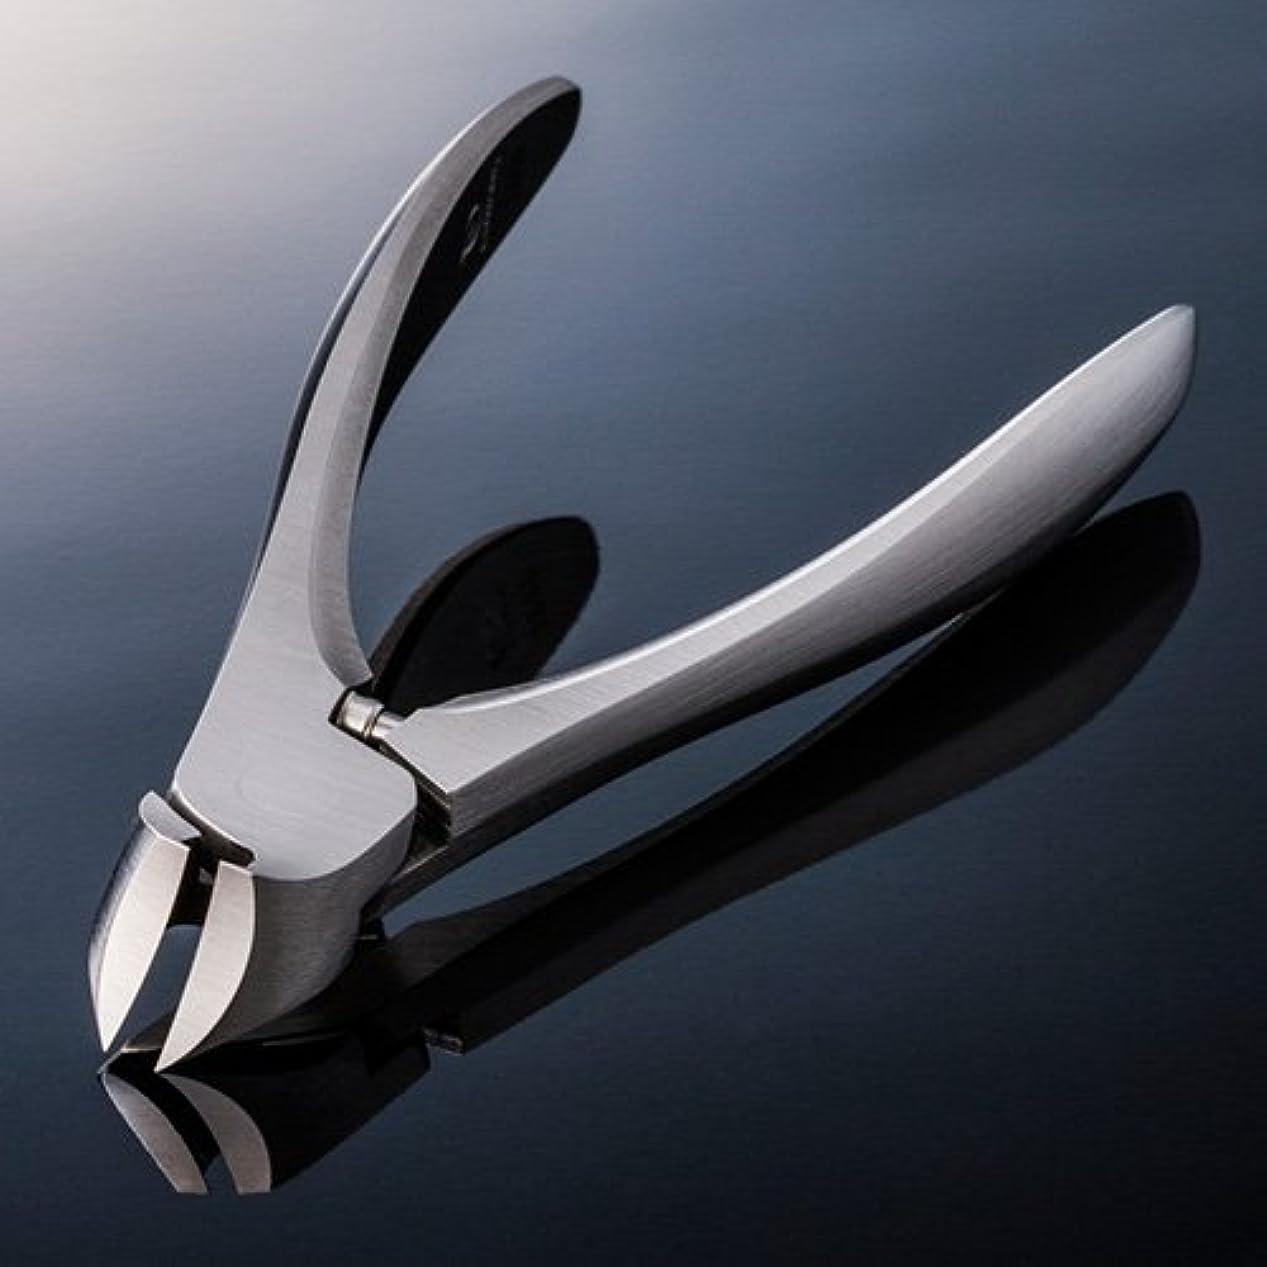 化学者繁栄疑い【SUWADA クラシックL 爪やすり付】 諏訪田のつめ切り 爪切り ネイルニッパー 収納メタルケース付 /日本のいいもの